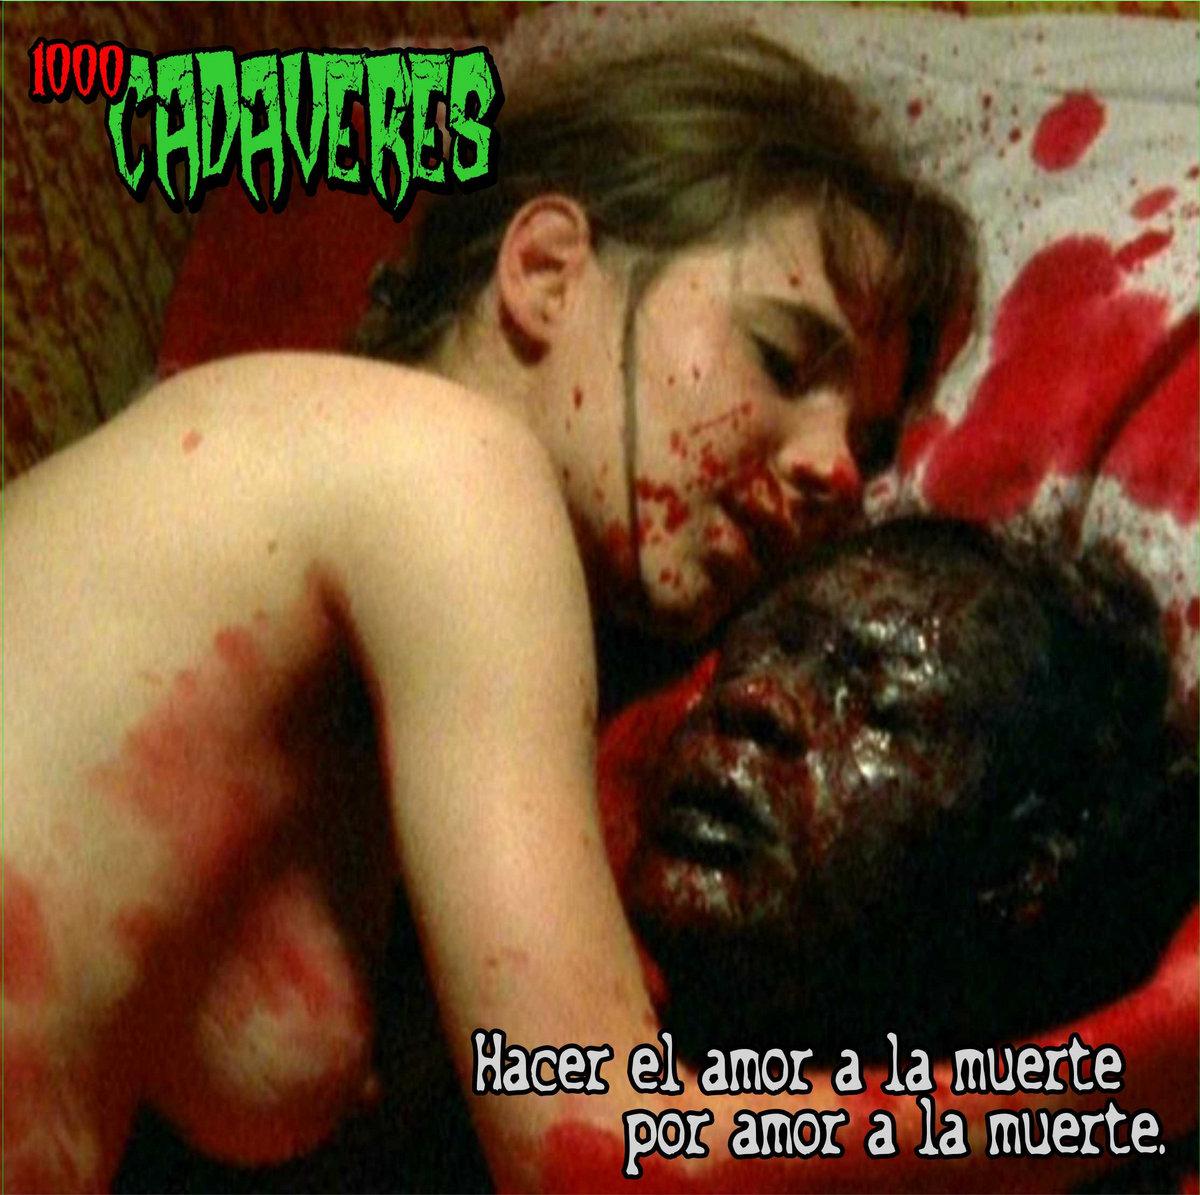 Hacer el amor con cadaveres [PUNIQRANDLINE-(au-dating-names.txt) 66